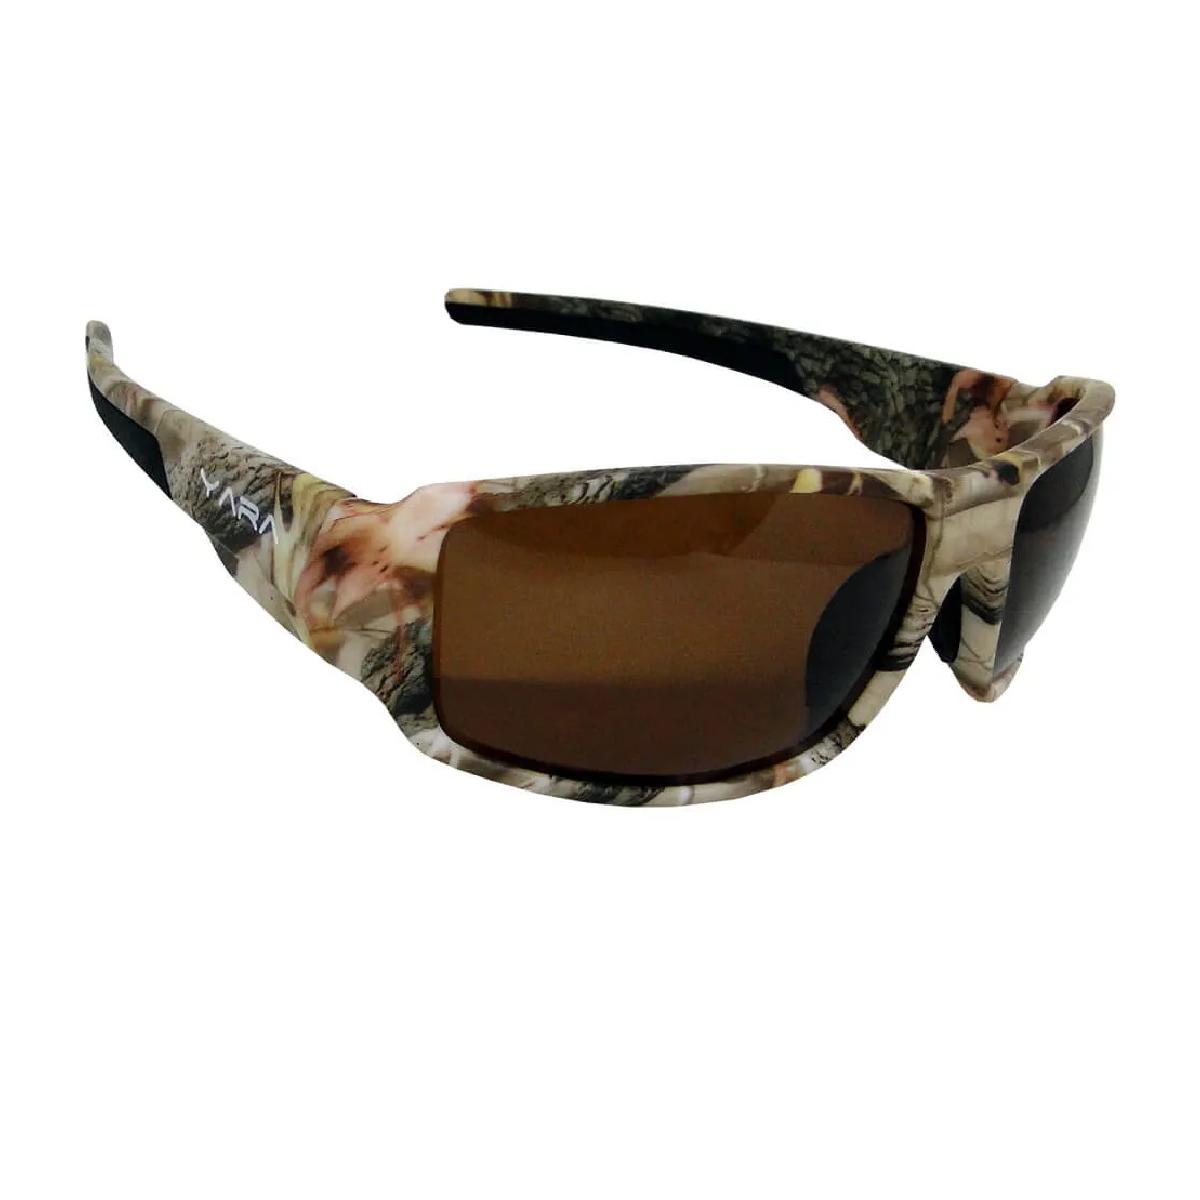 Óculos de Sol Polarizado Yara Dark Vision 01352 Camo2 - Lente Marrom  - Pesca Adventure